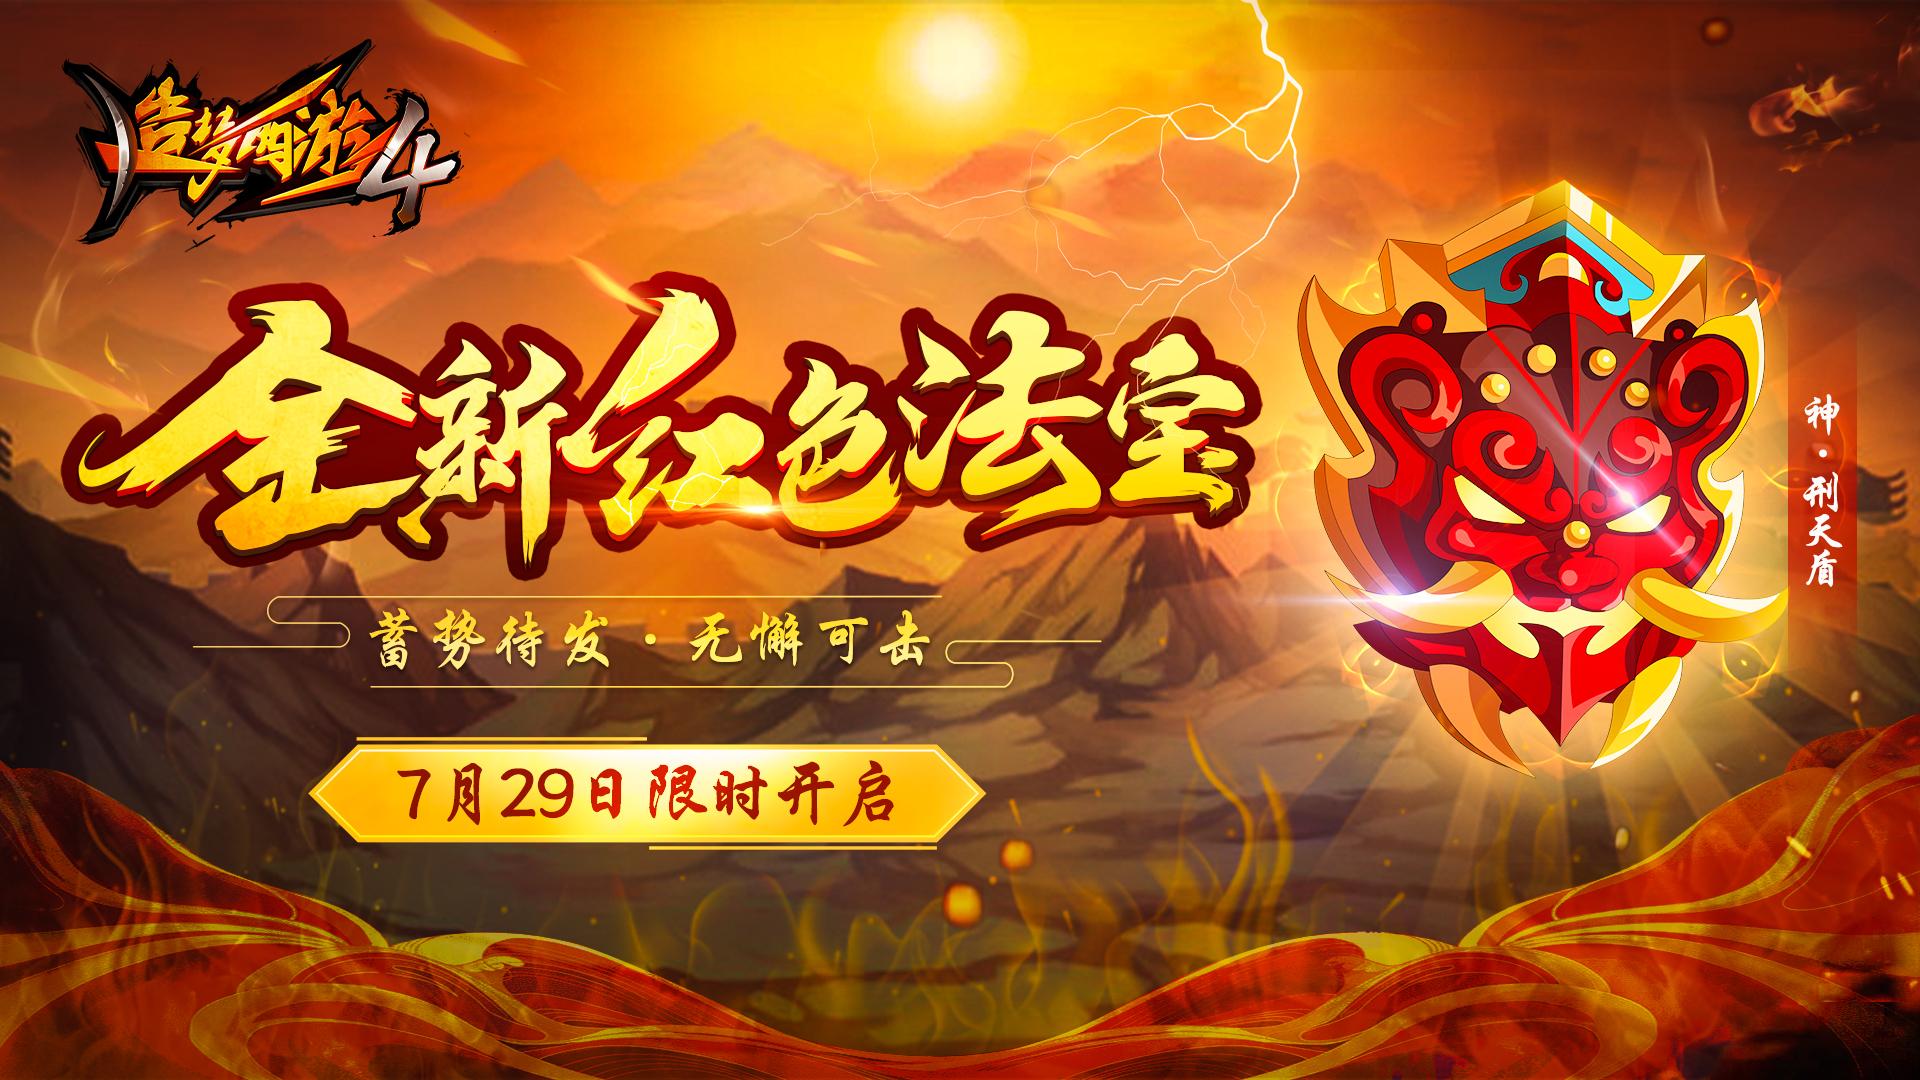 【7月29日更新公告】全新红色法宝神·刑天盾,2021夏日限...